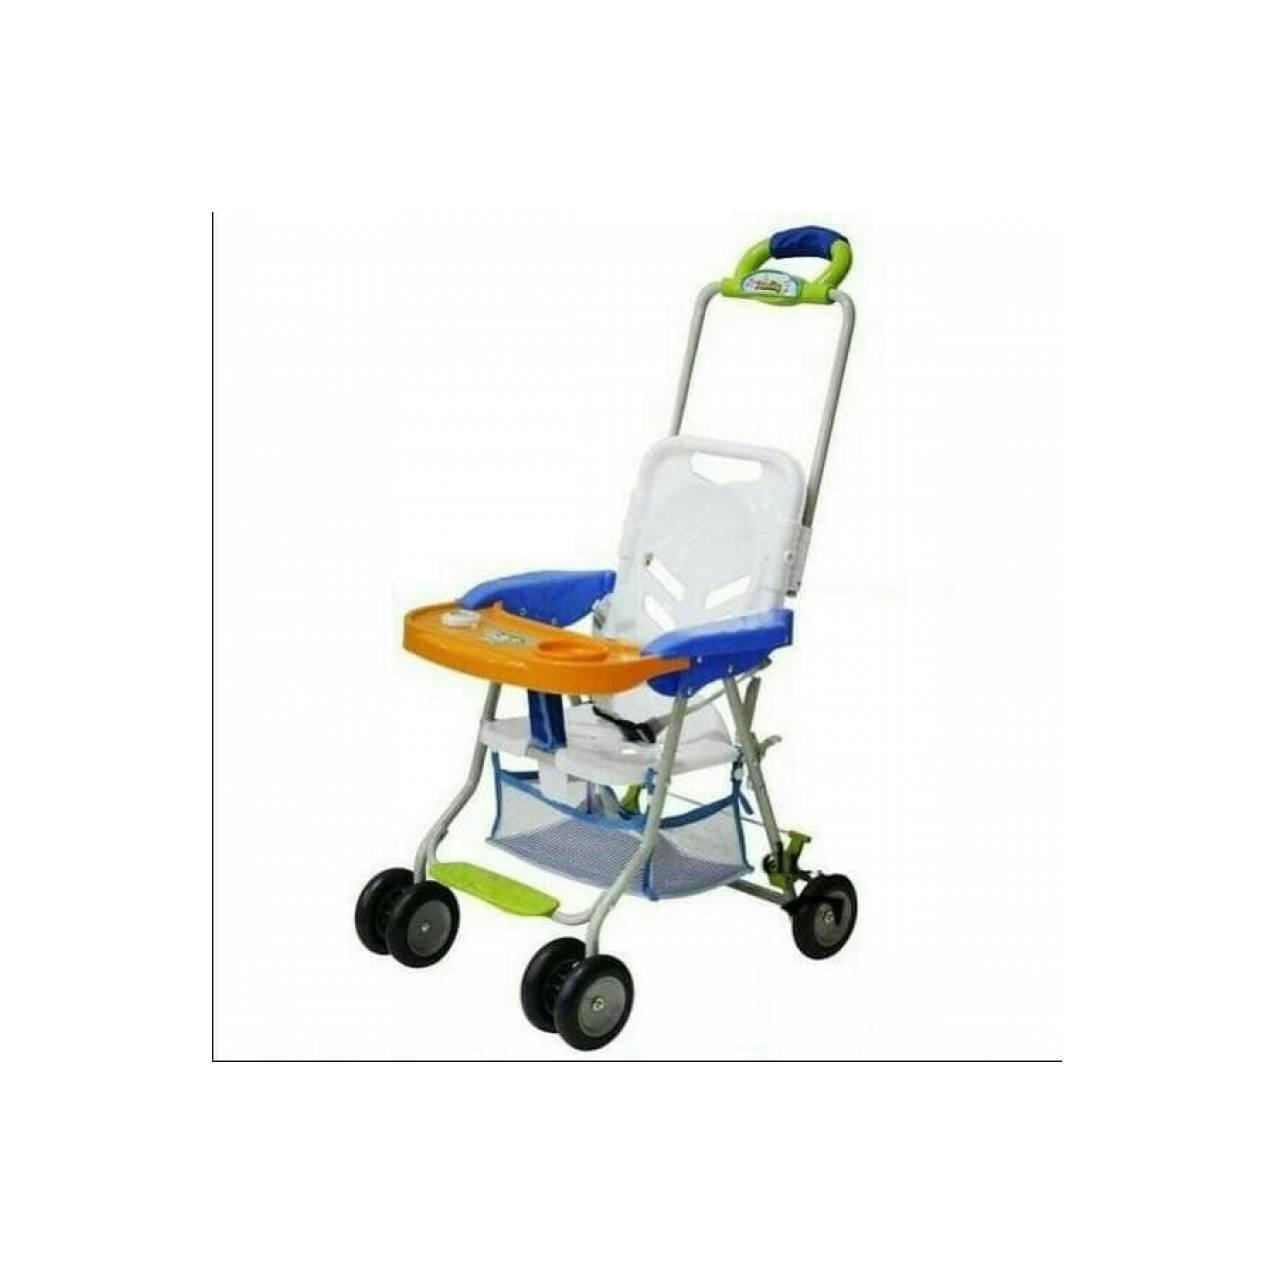 KURSI MAKAN FAMILY murah Bayi Chair Stroller Family fc 8288 ready